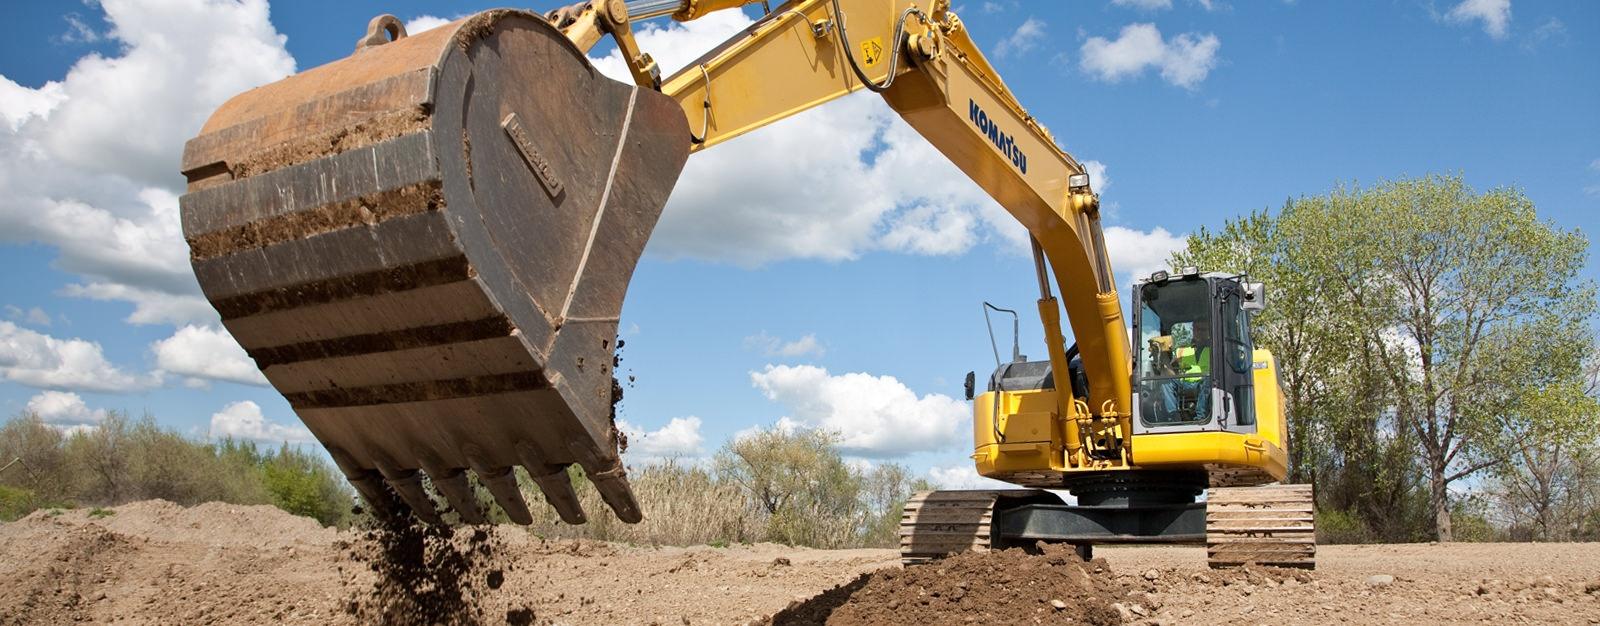 Excavation Service Langley Excavators in Langley Excavating Service in Langley Best Excavation Langley Excavating Company Langley